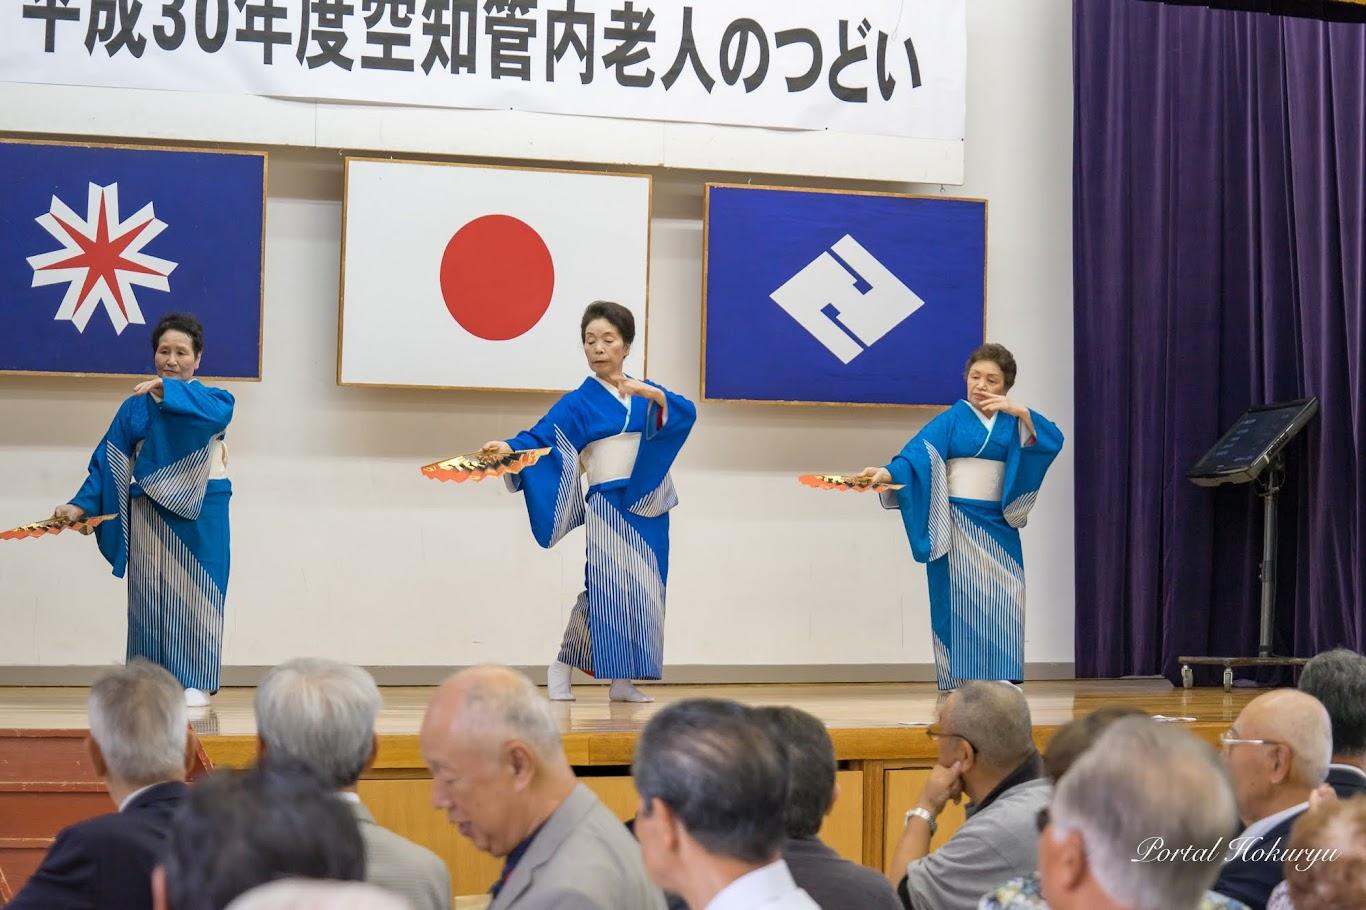 西況 光子さん、 川合保子さん、 岡本只子さん